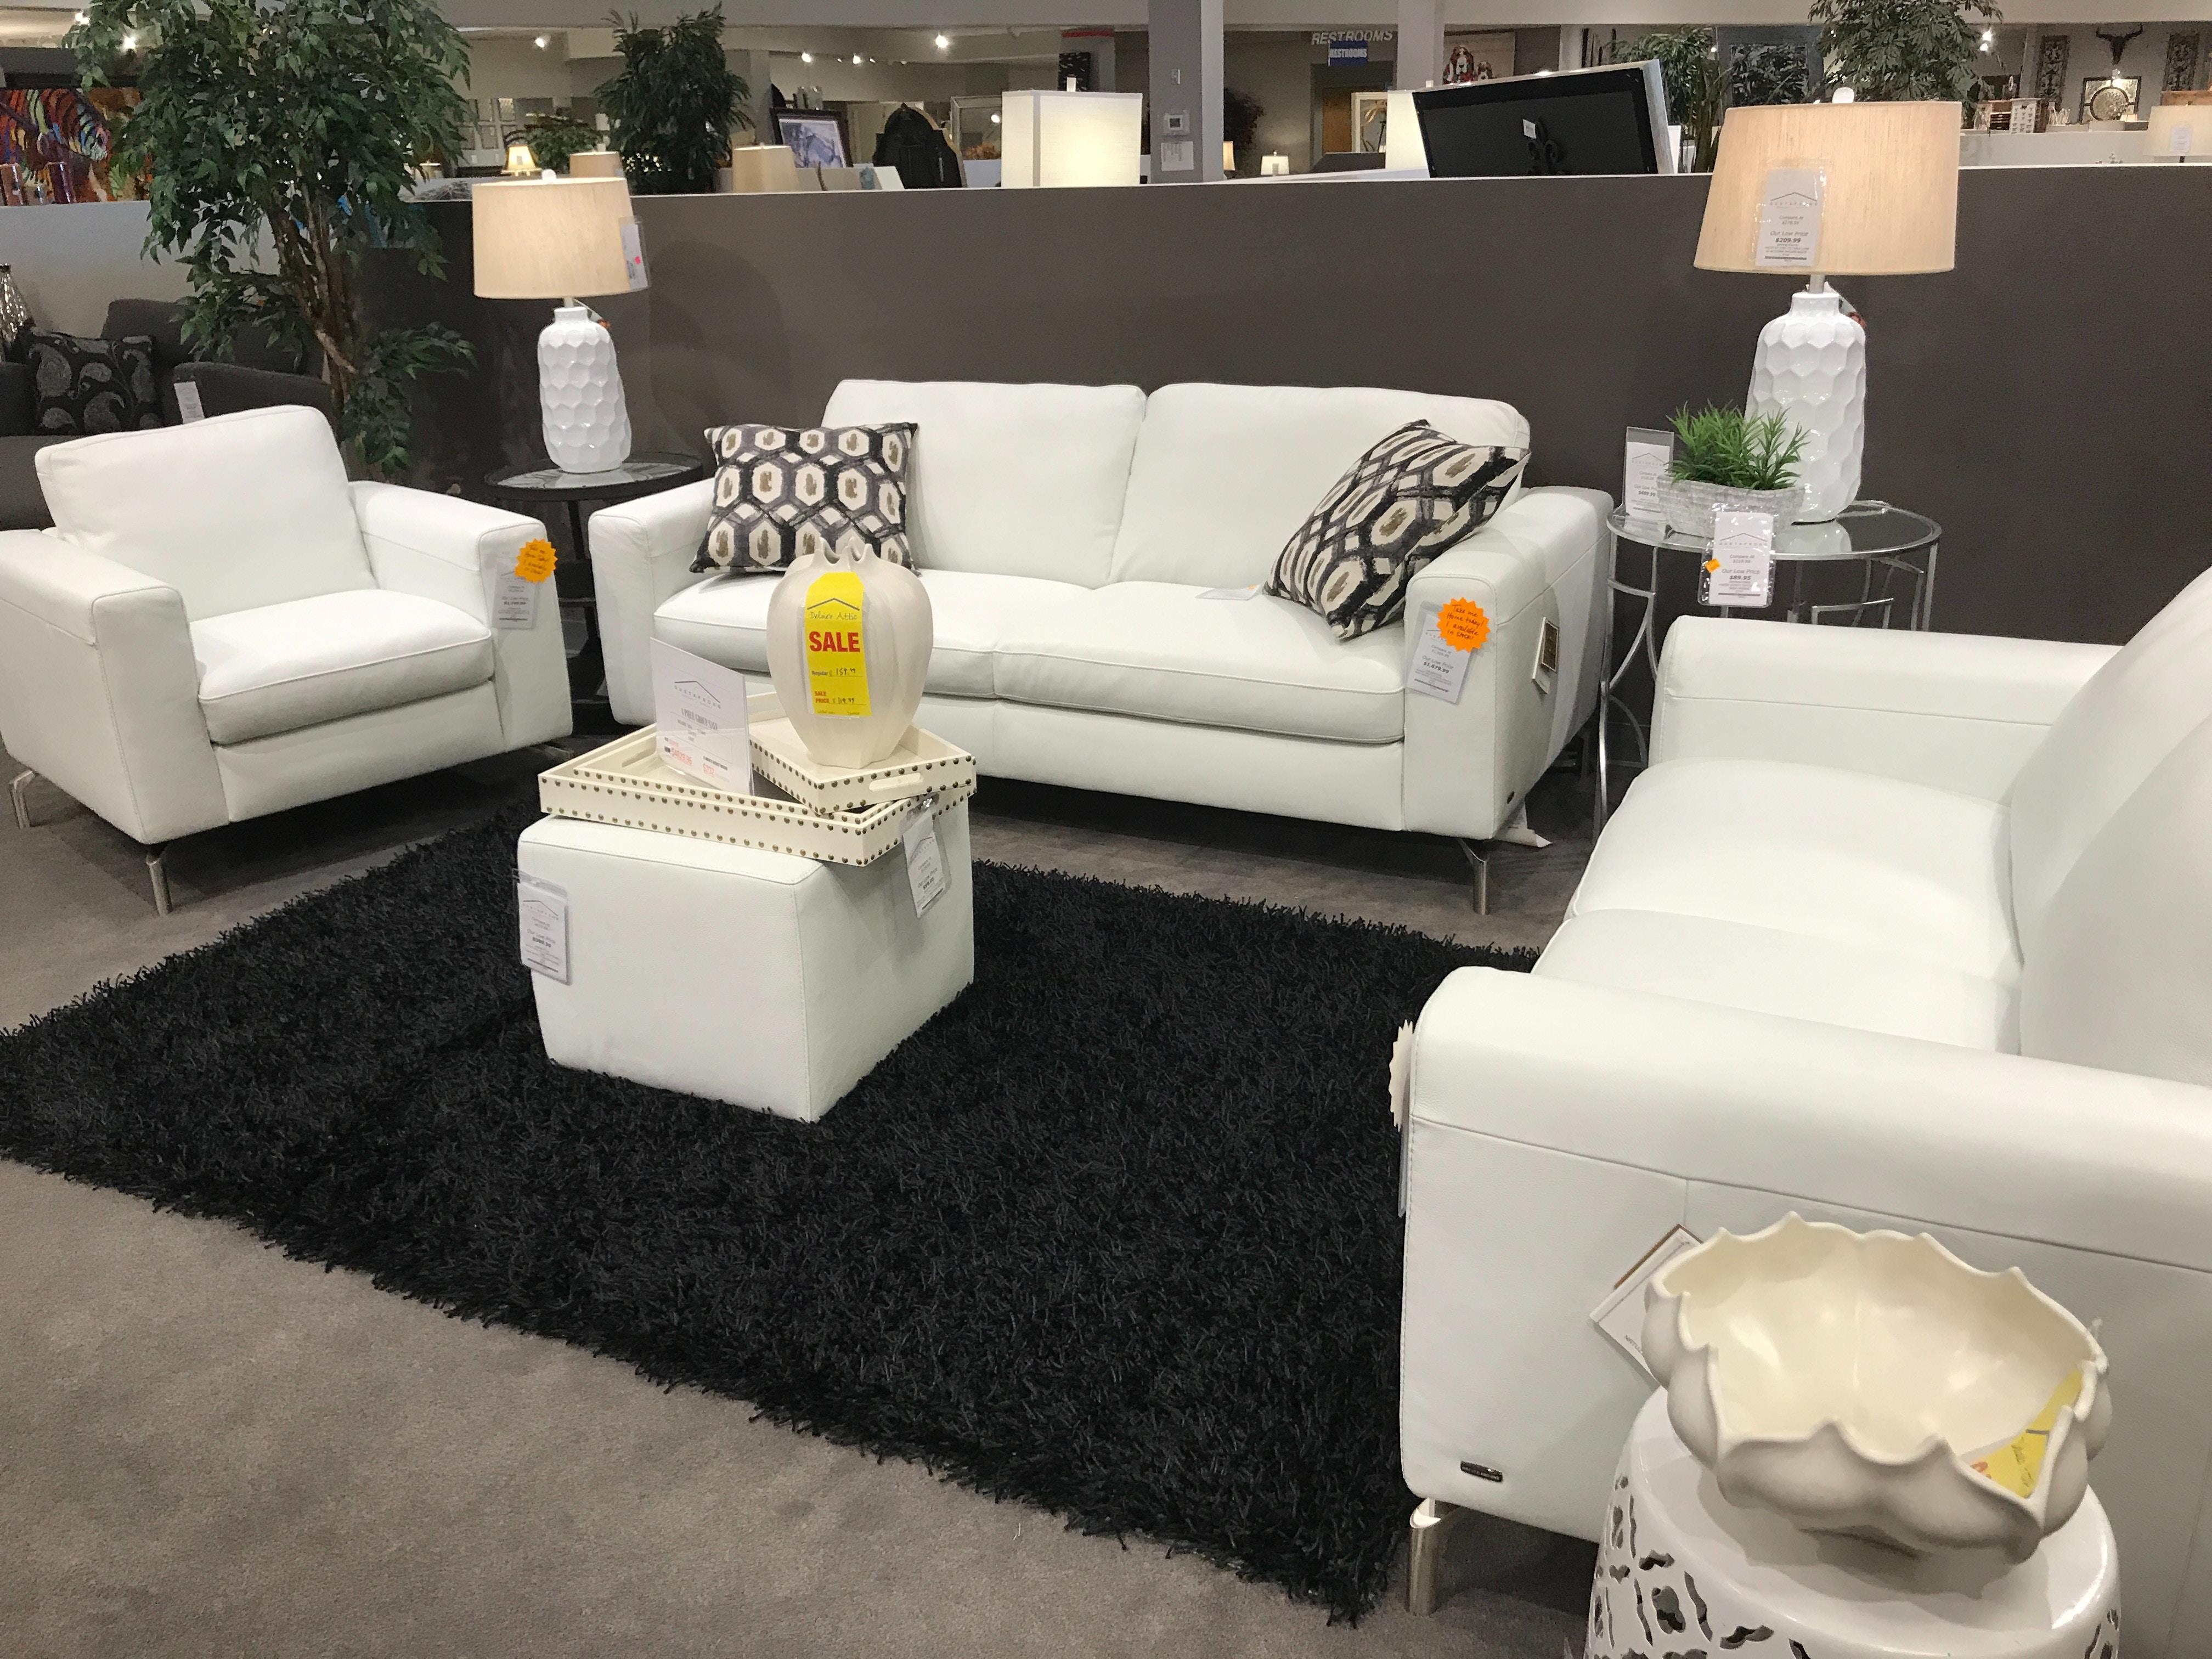 Natuzzi Leather Sofa, Loveseat, Chair, And Ottoman B845